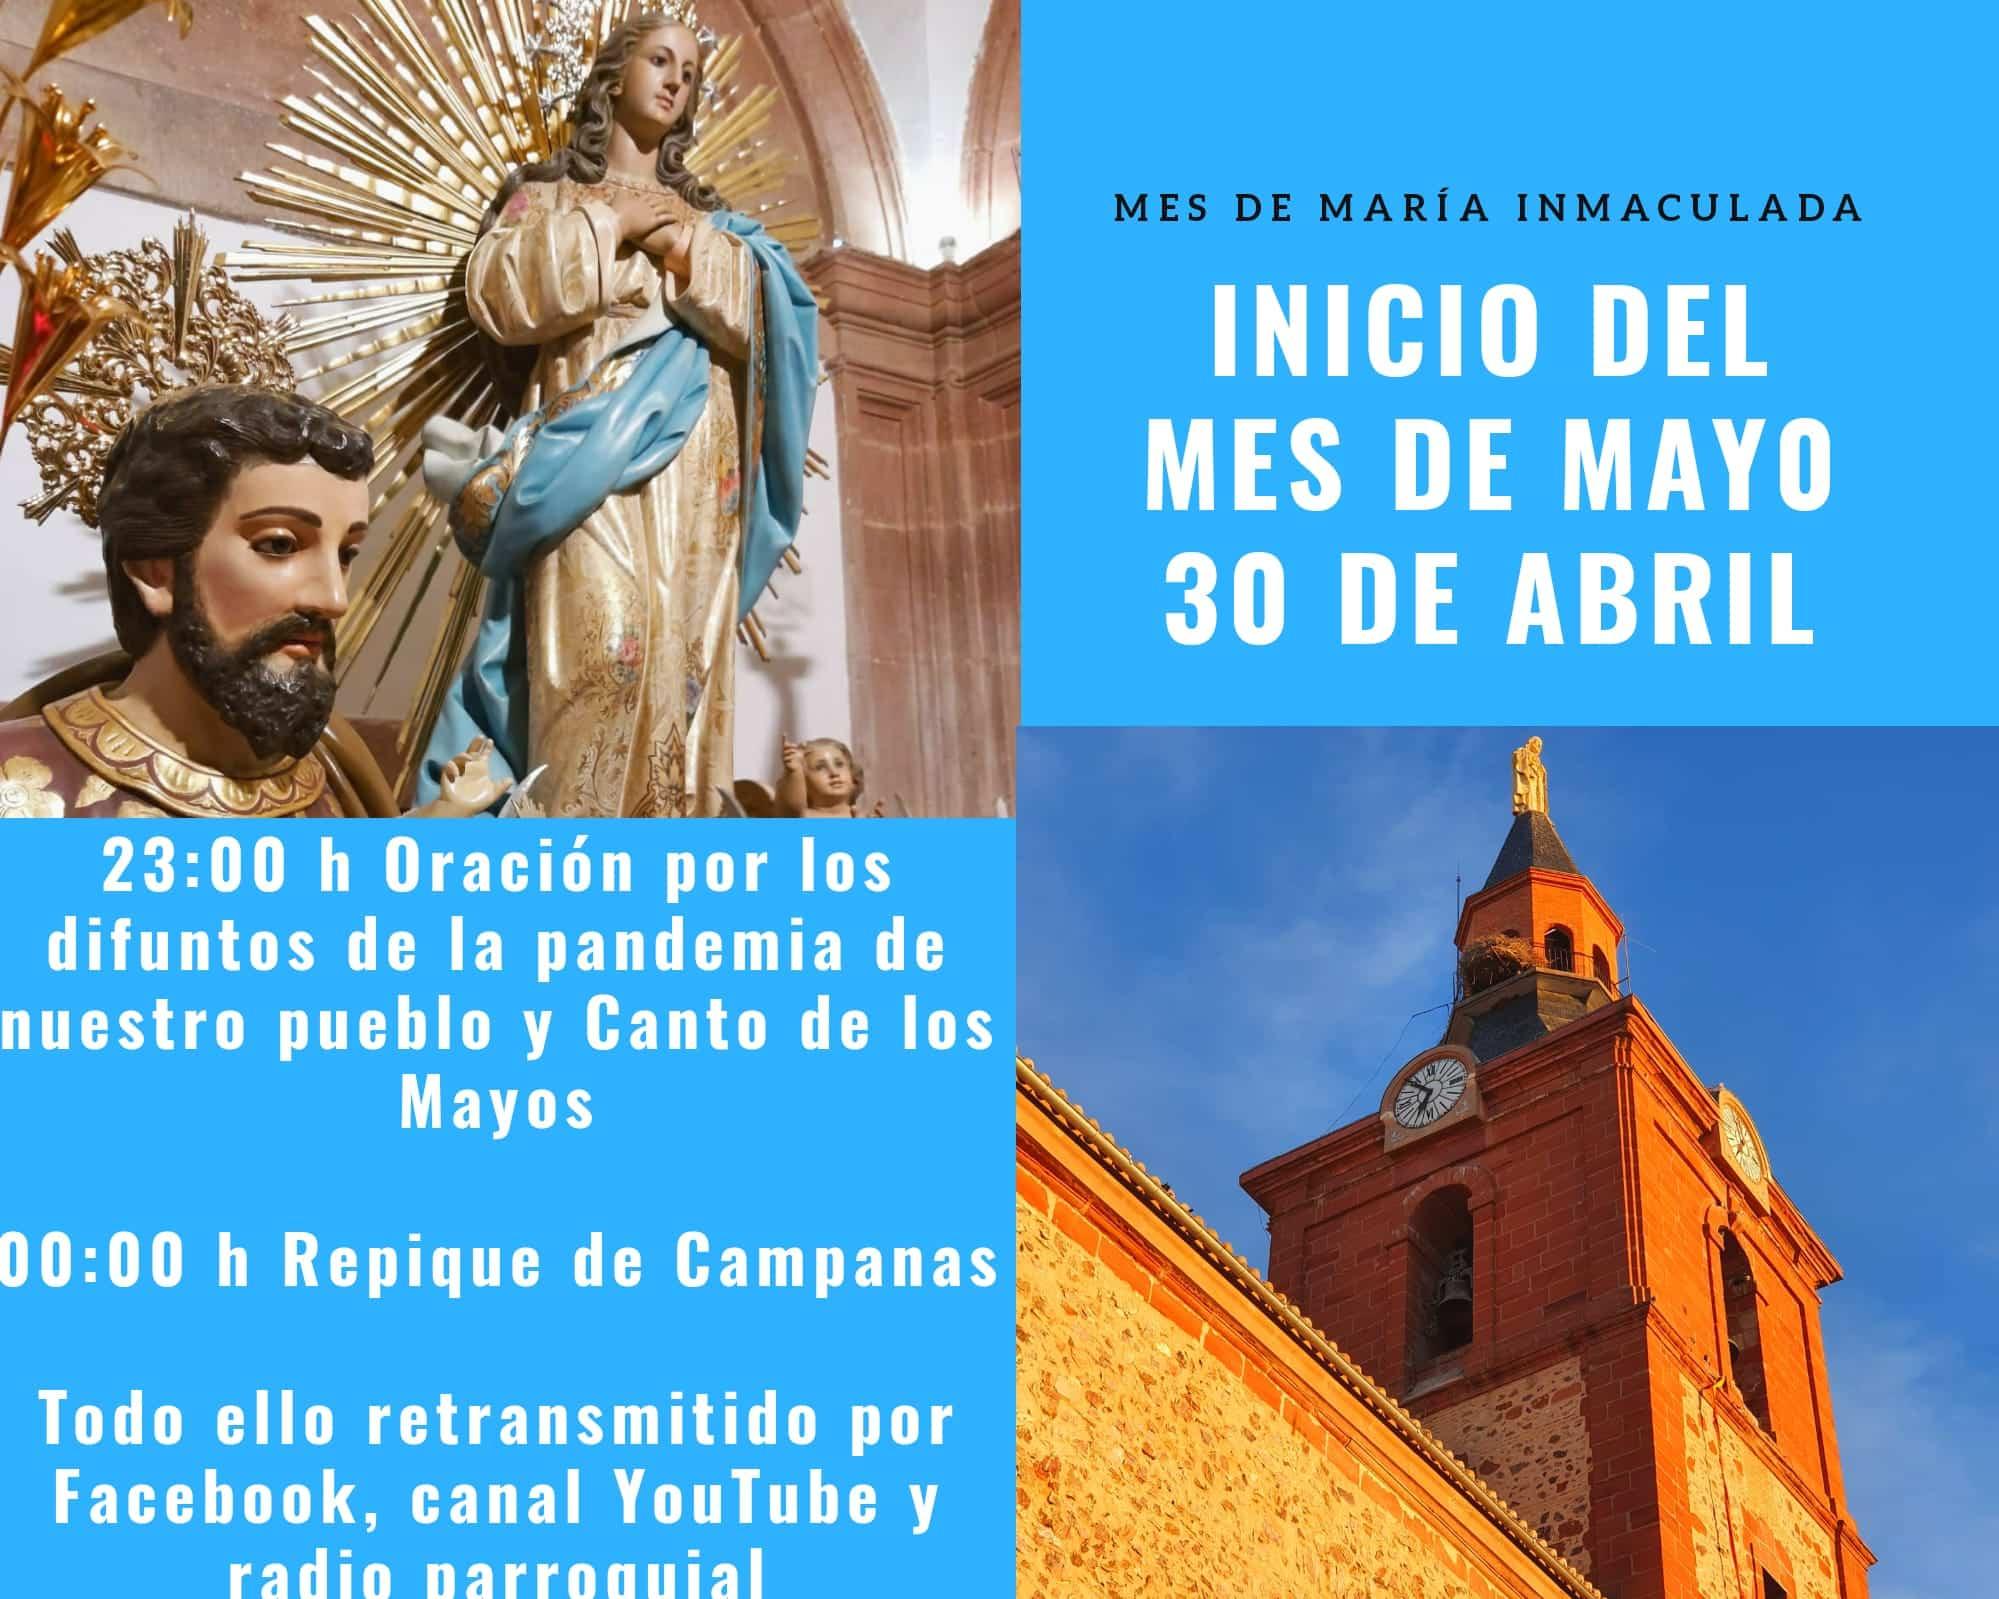 mes de mayo en la parroquia1 - La parroquia Inmaculada Concepción inicia un mes de mayo dedicado a María